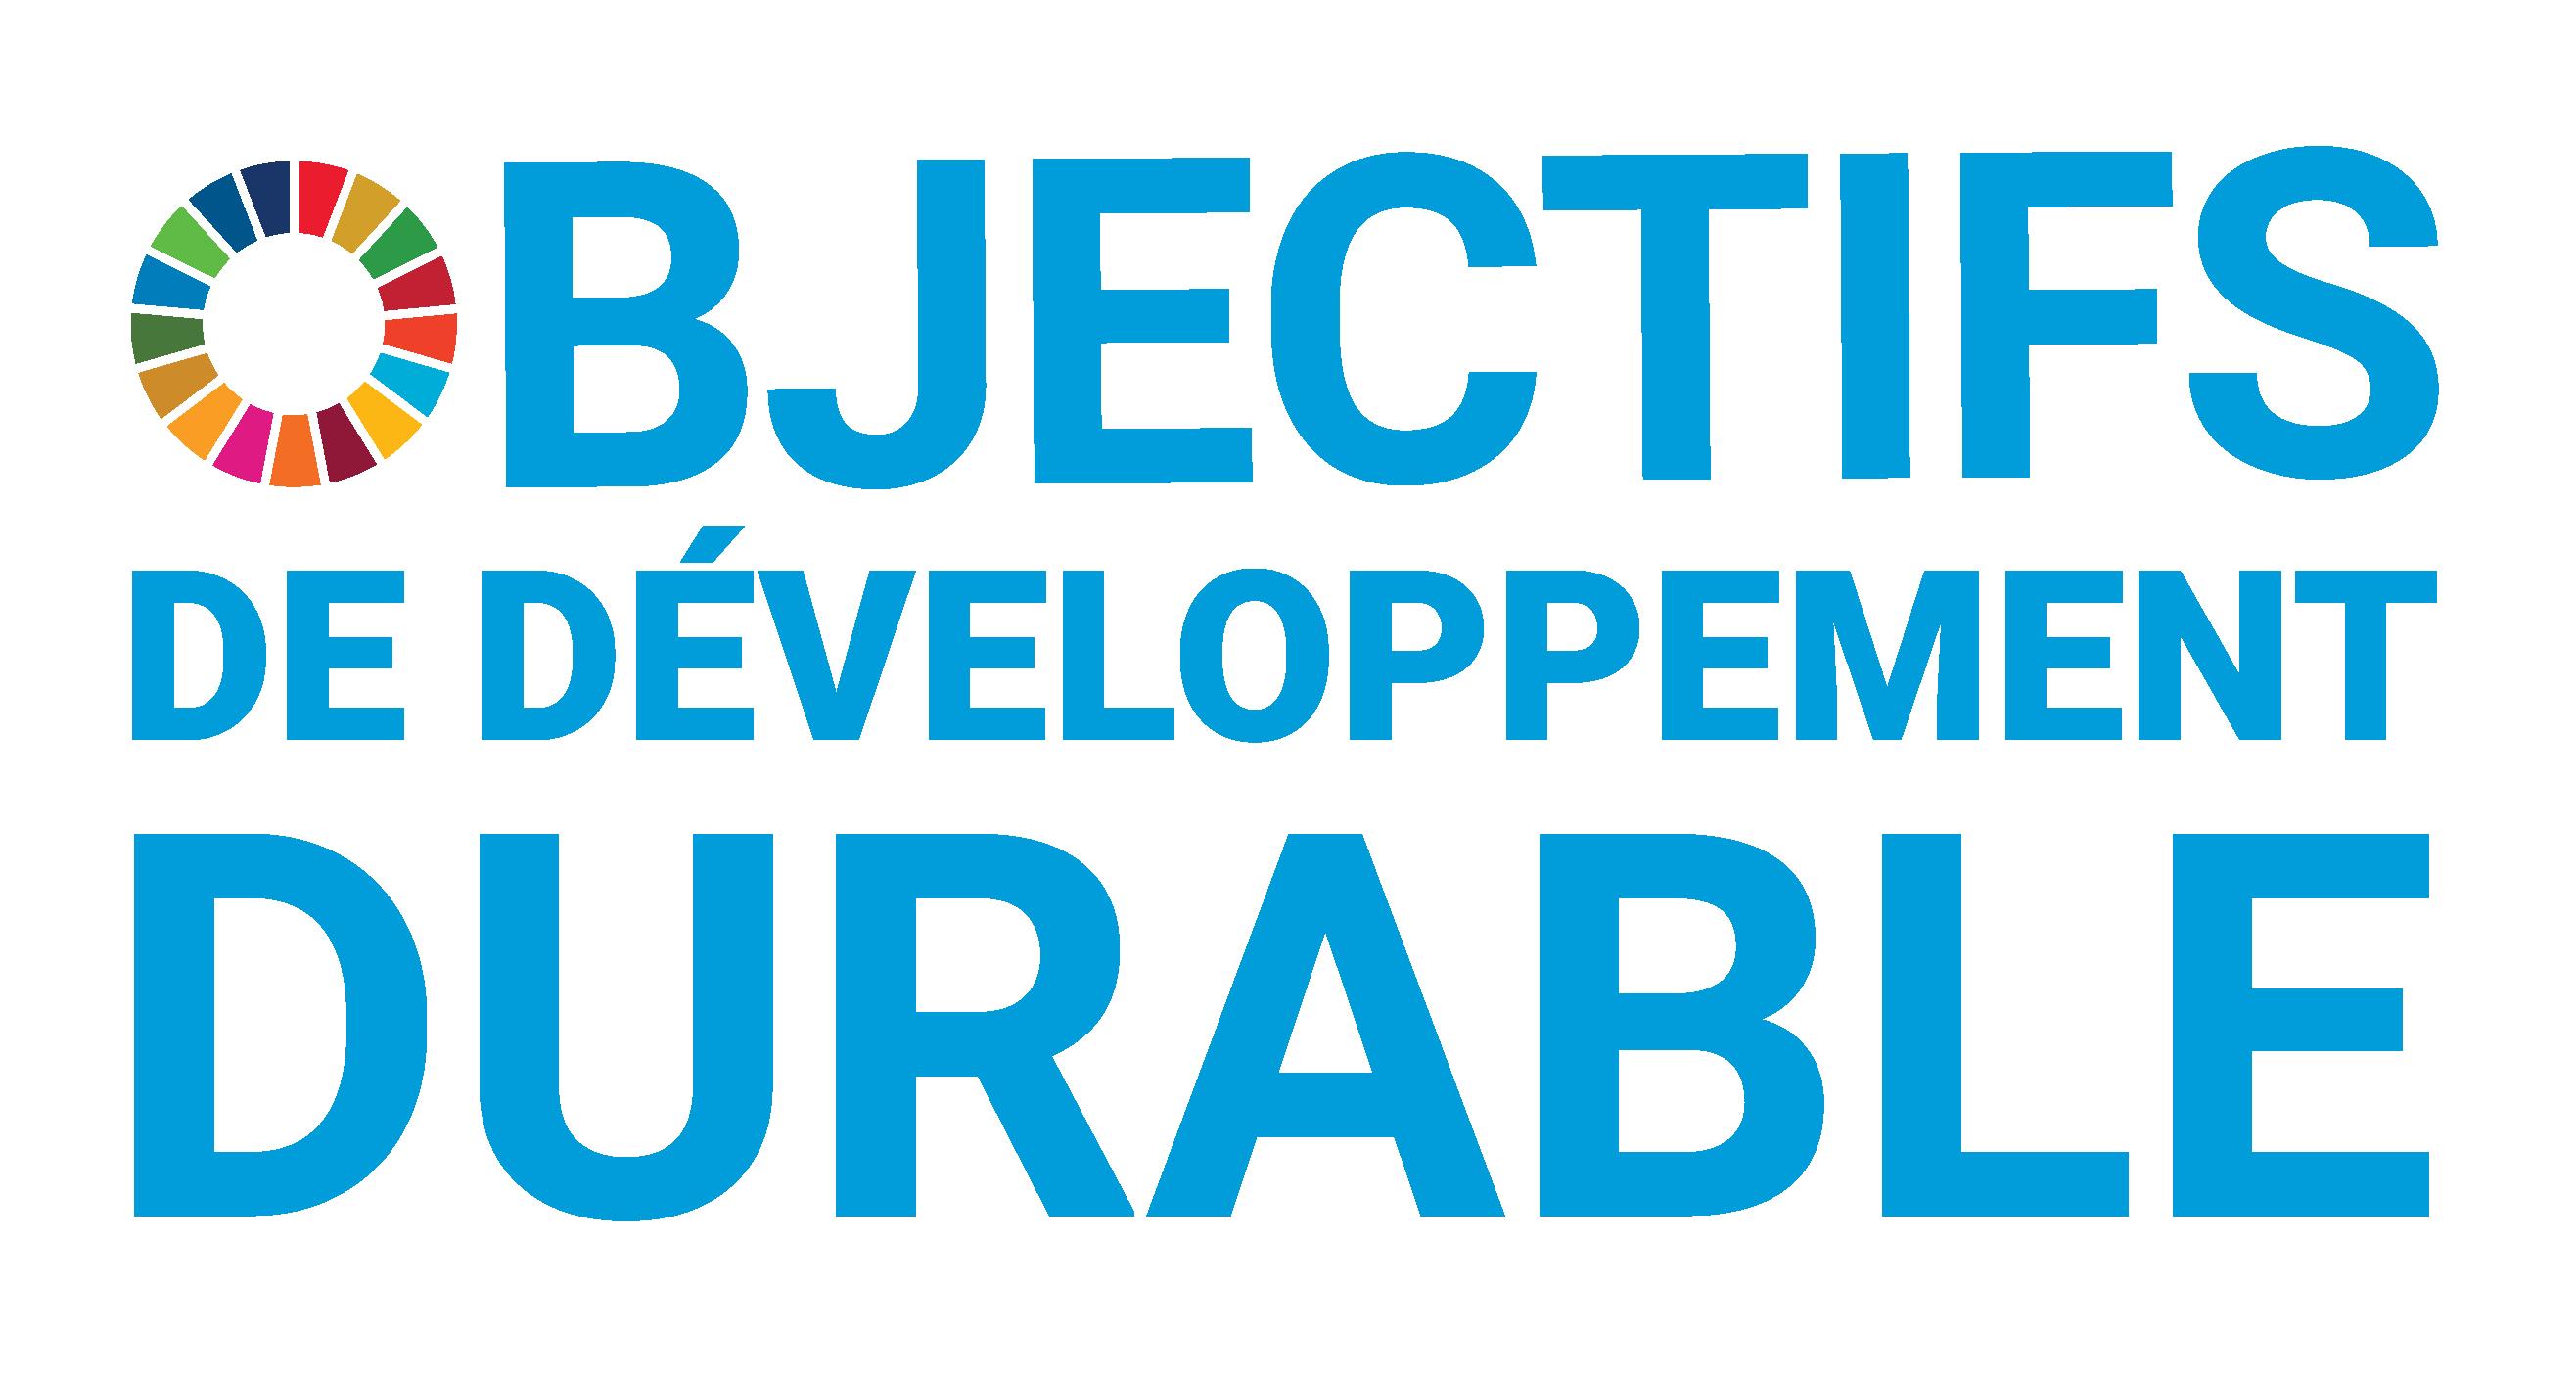 Objectifs pour le développement durable